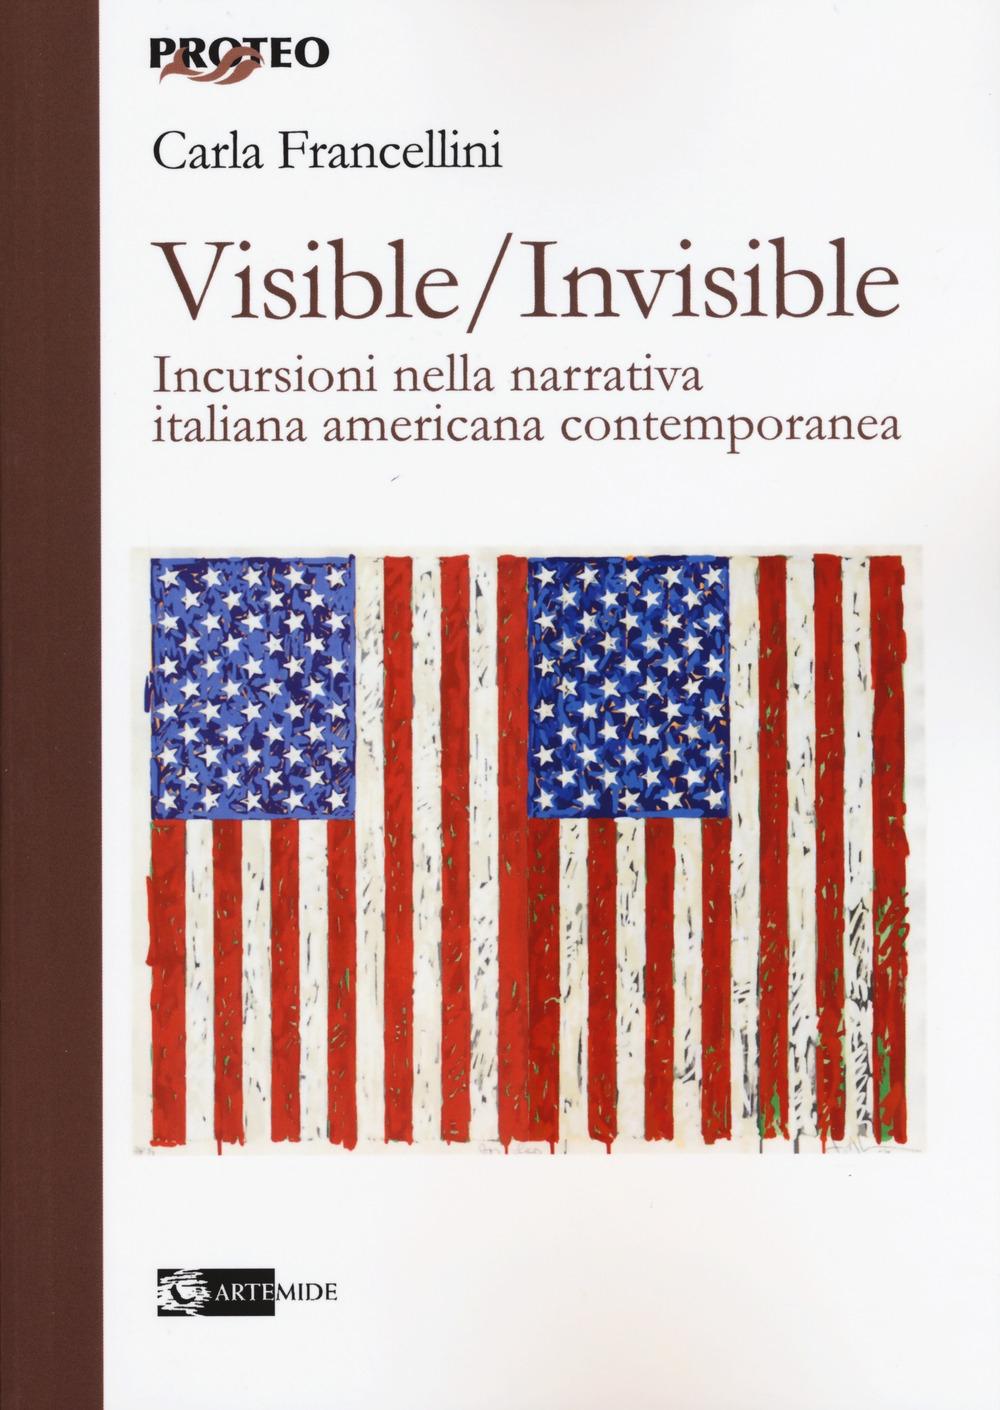 Visible/invisible. Incursioni nella narrativa italiana americana contemporanea